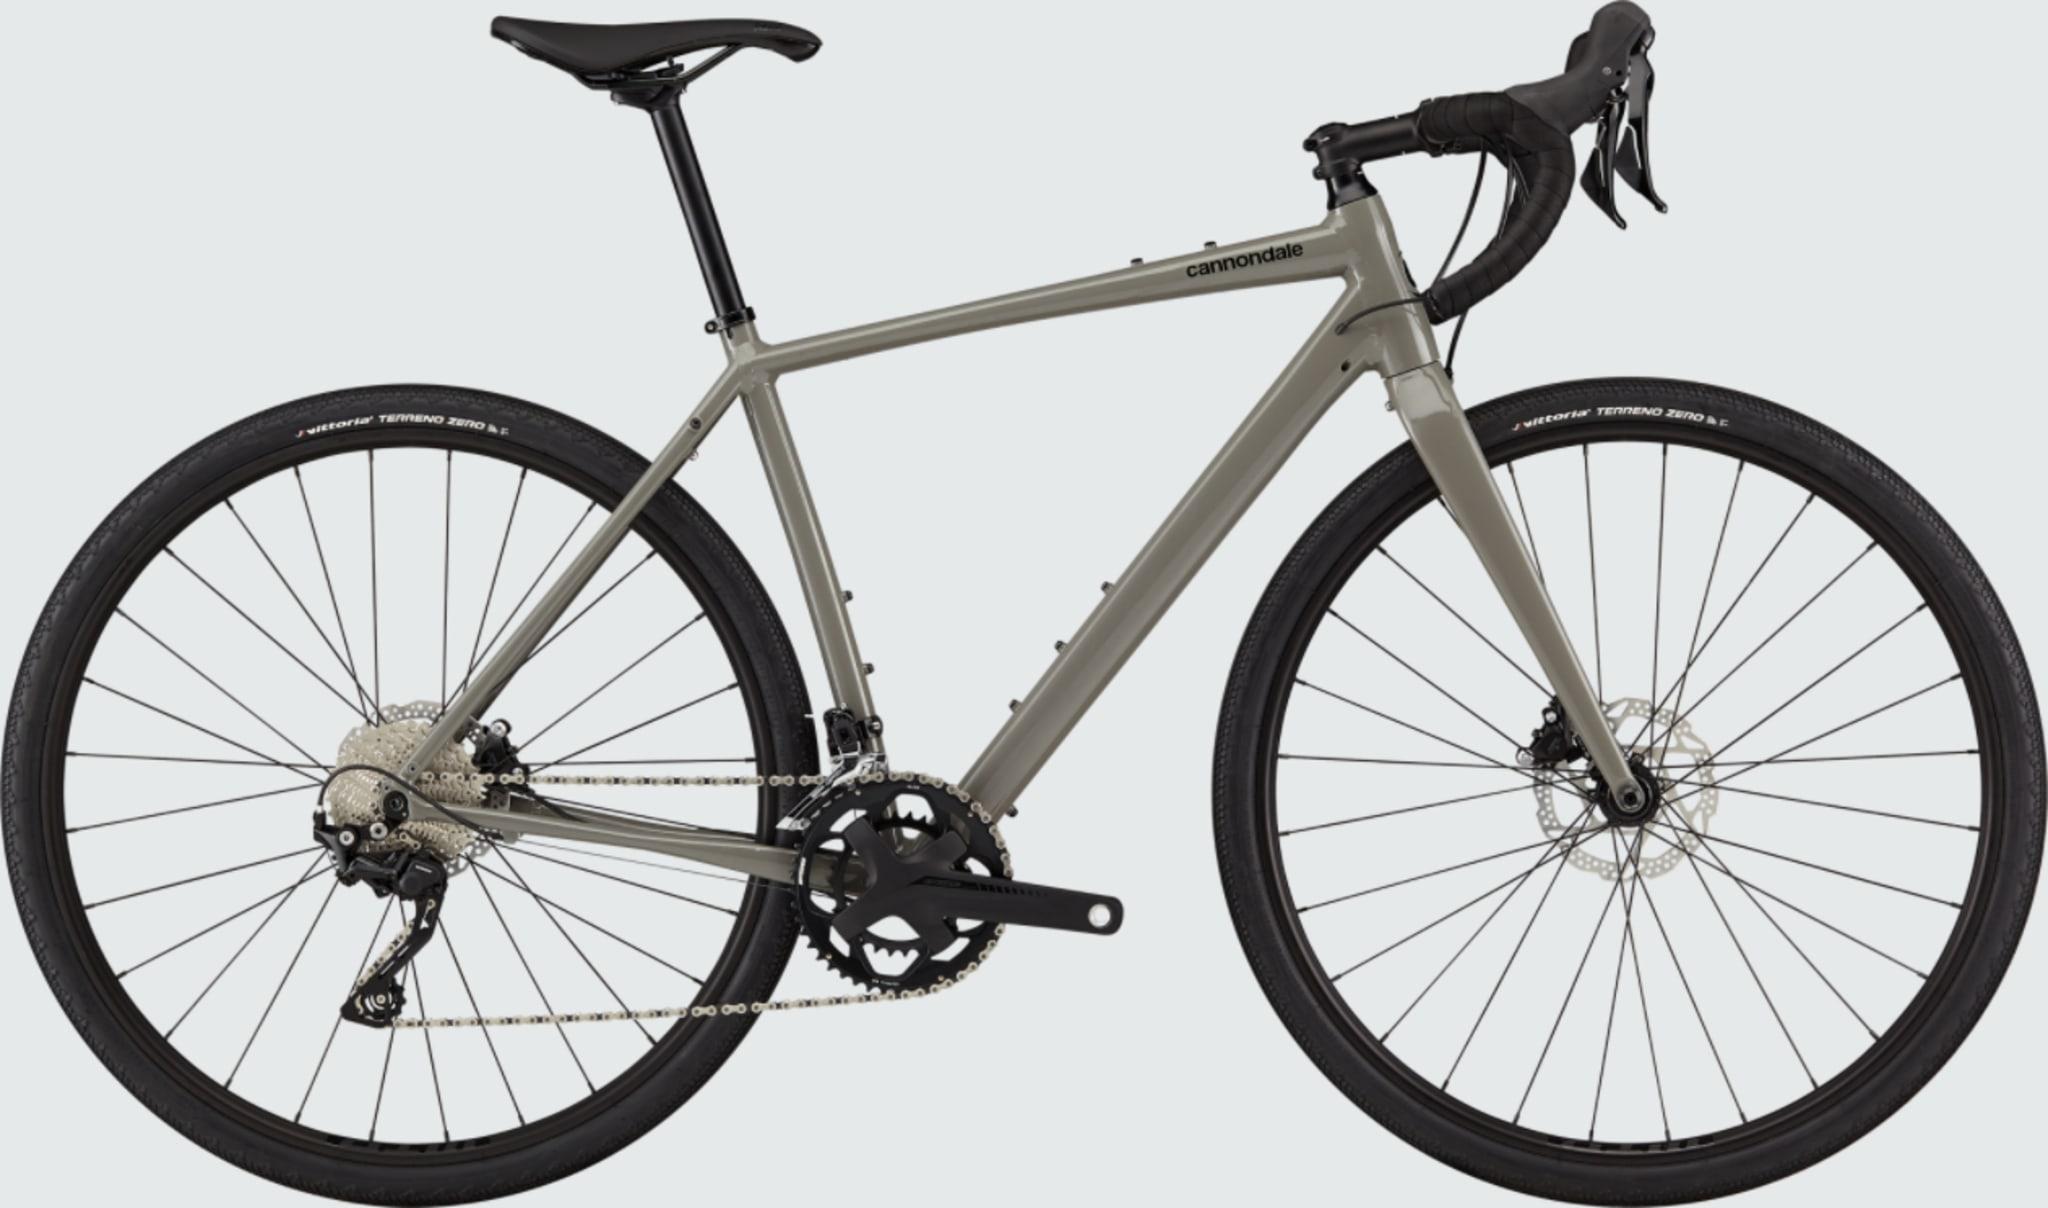 Allsidig sykkel til grus og asfalt